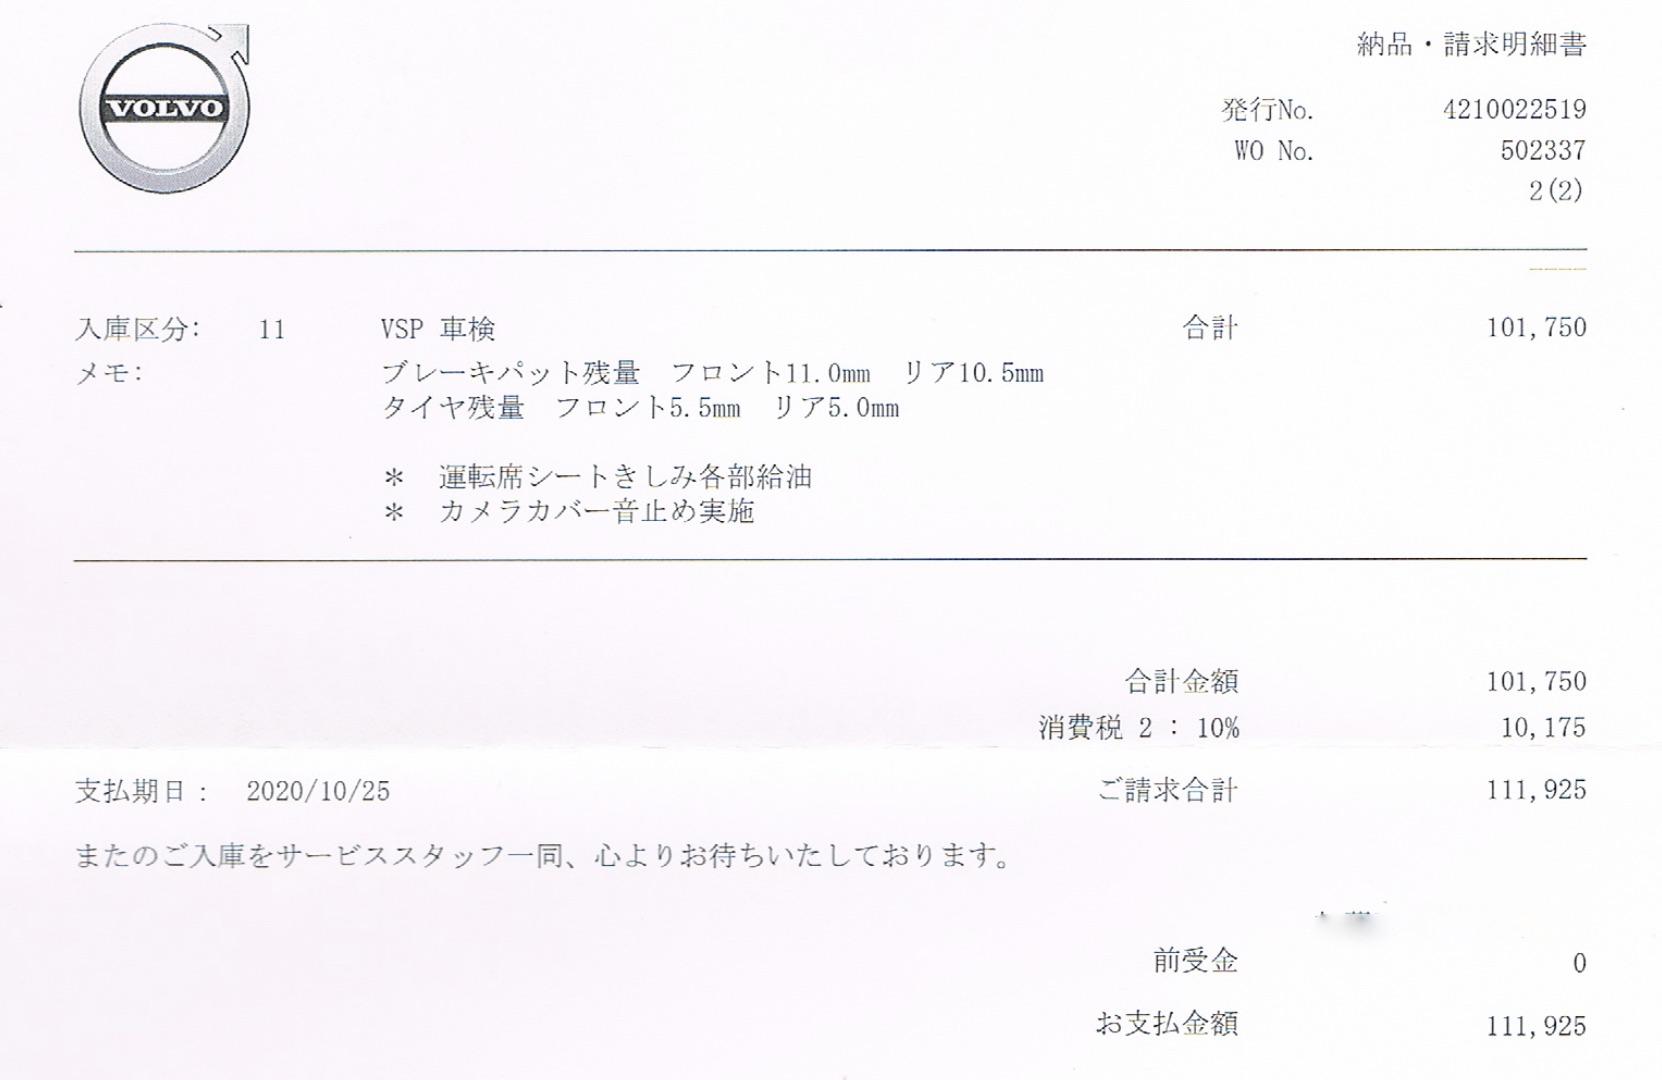 初回車検(ボルボサービスプログラム5年付帯)